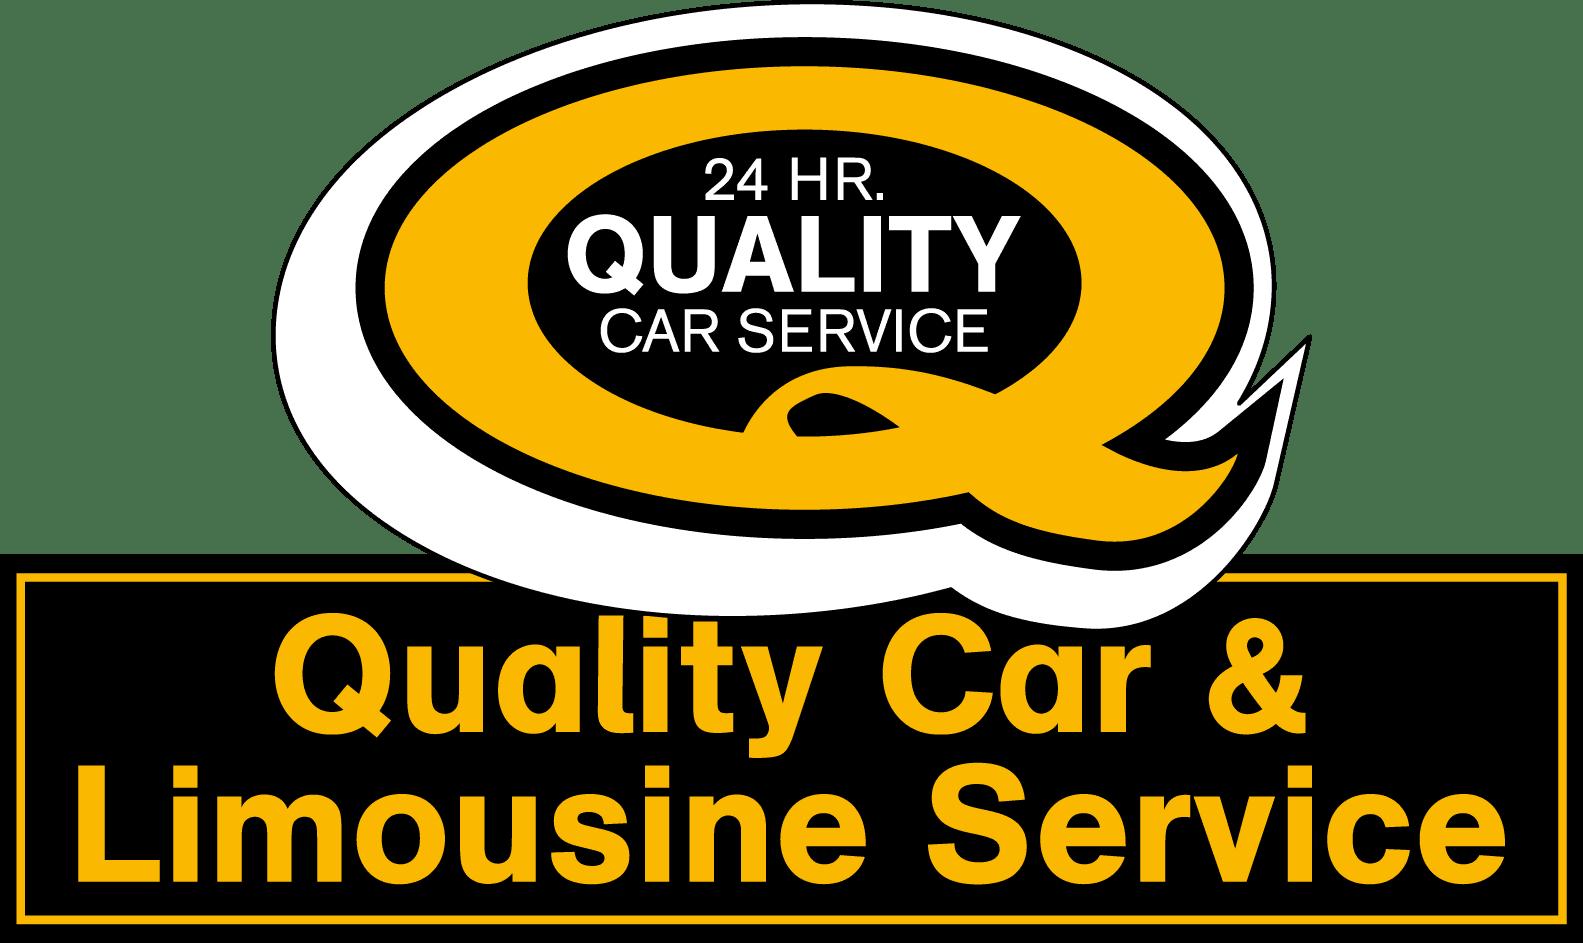 Car Service App: Quality Car & Limousine Service